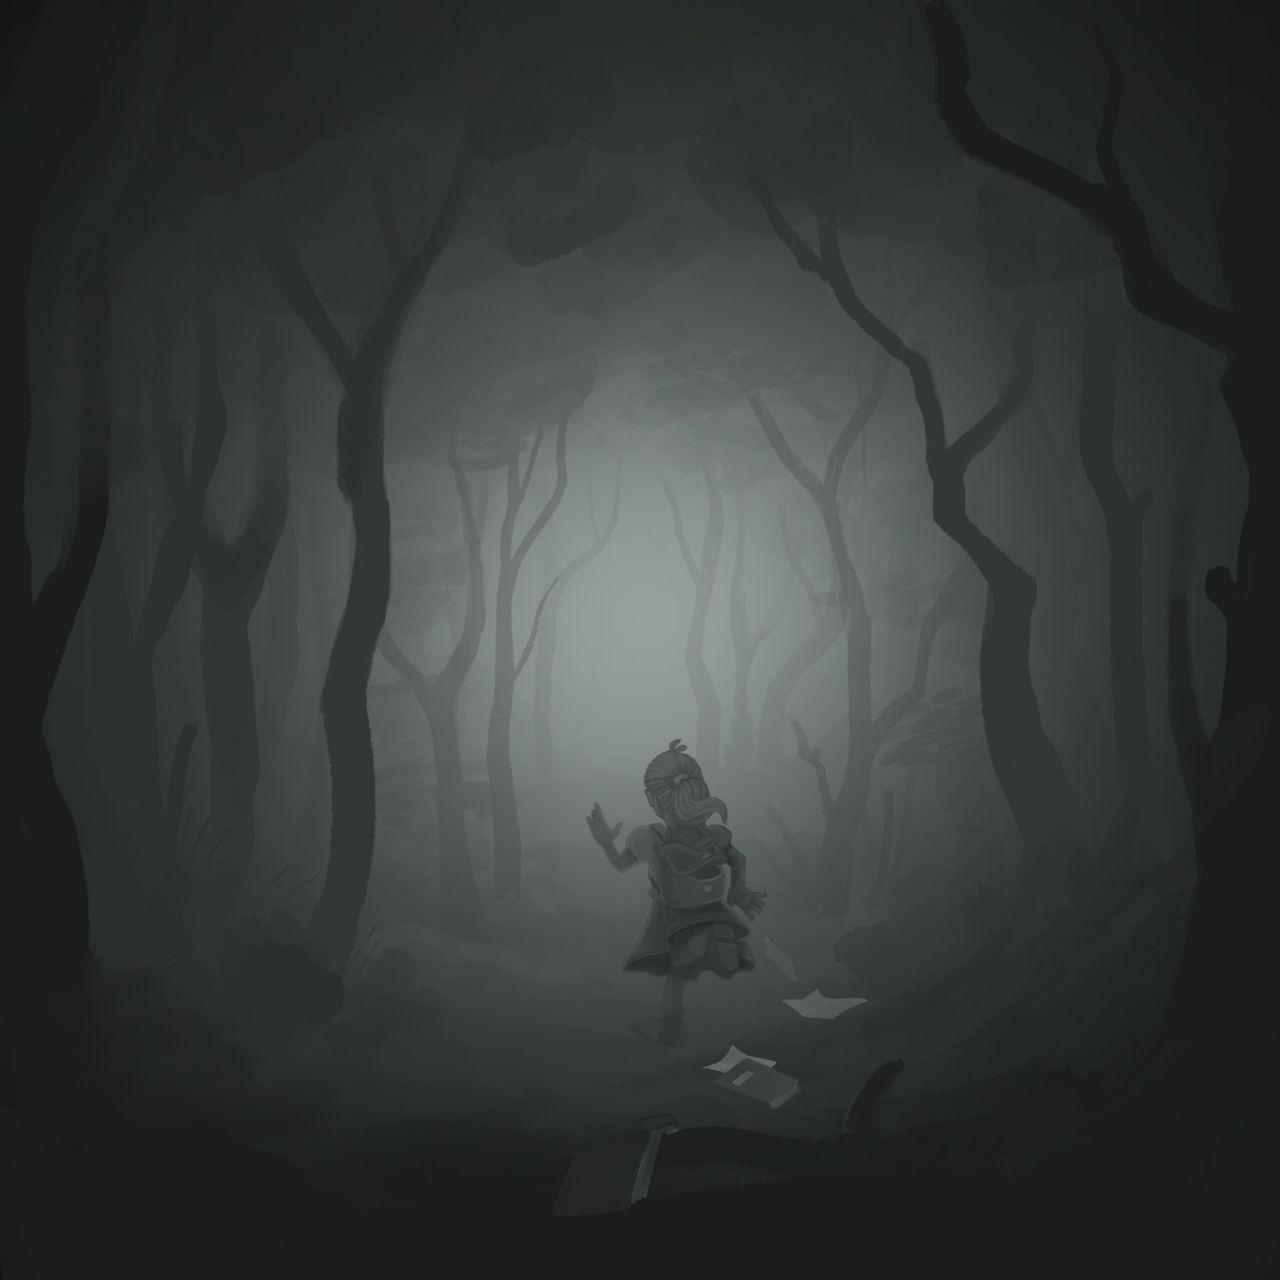 Mädchen verschwindet im Wald